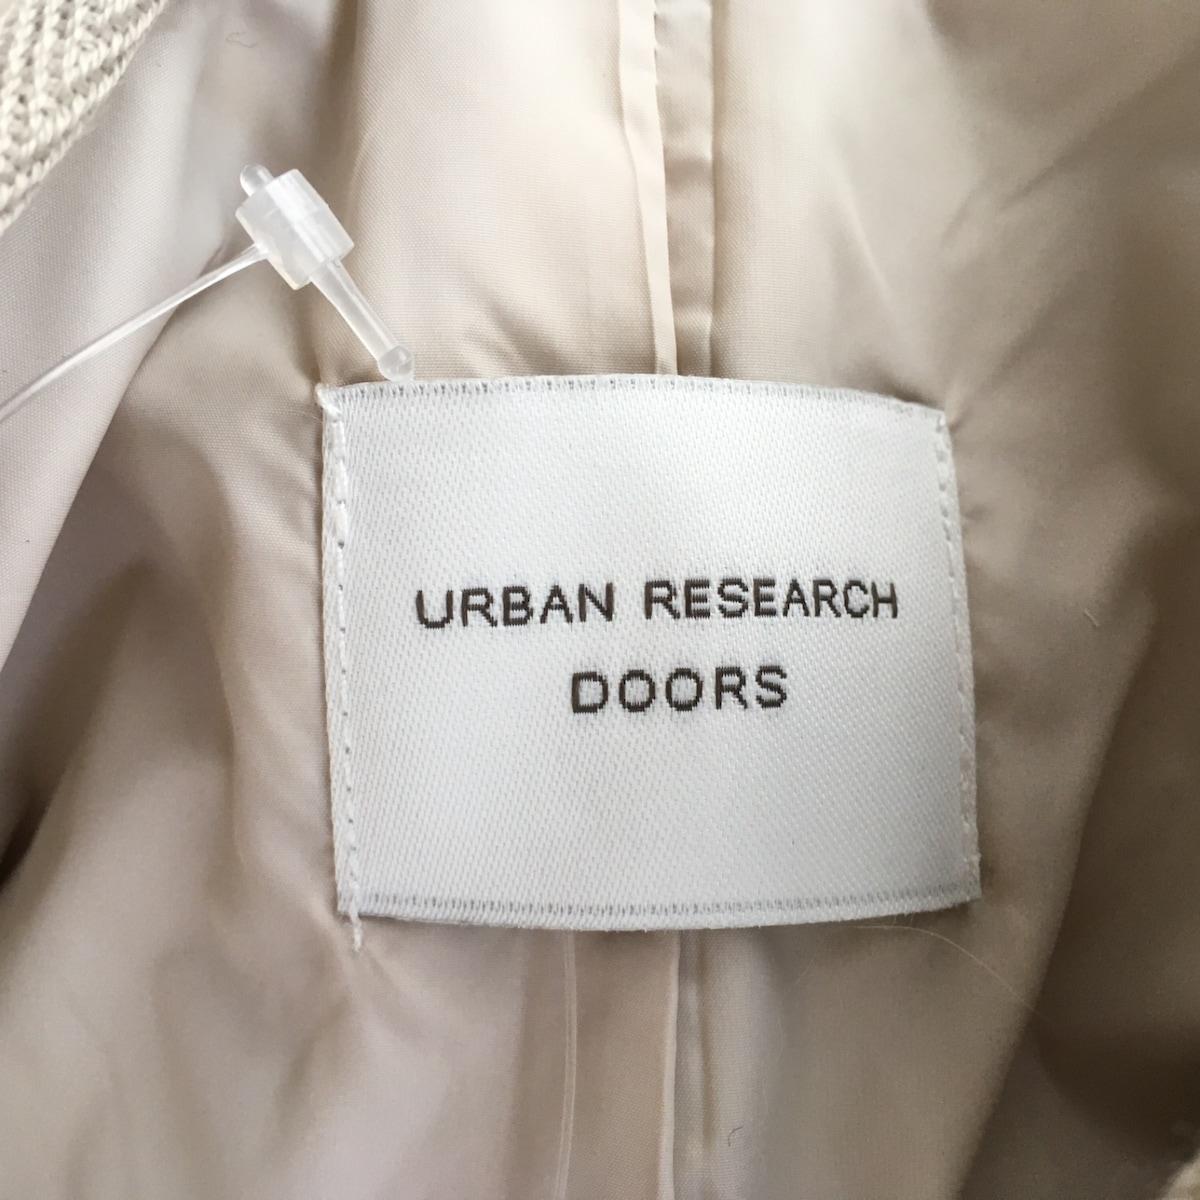 URBAN RESEARCH DOORS(アーバンリサーチドアーズ)のブルゾン